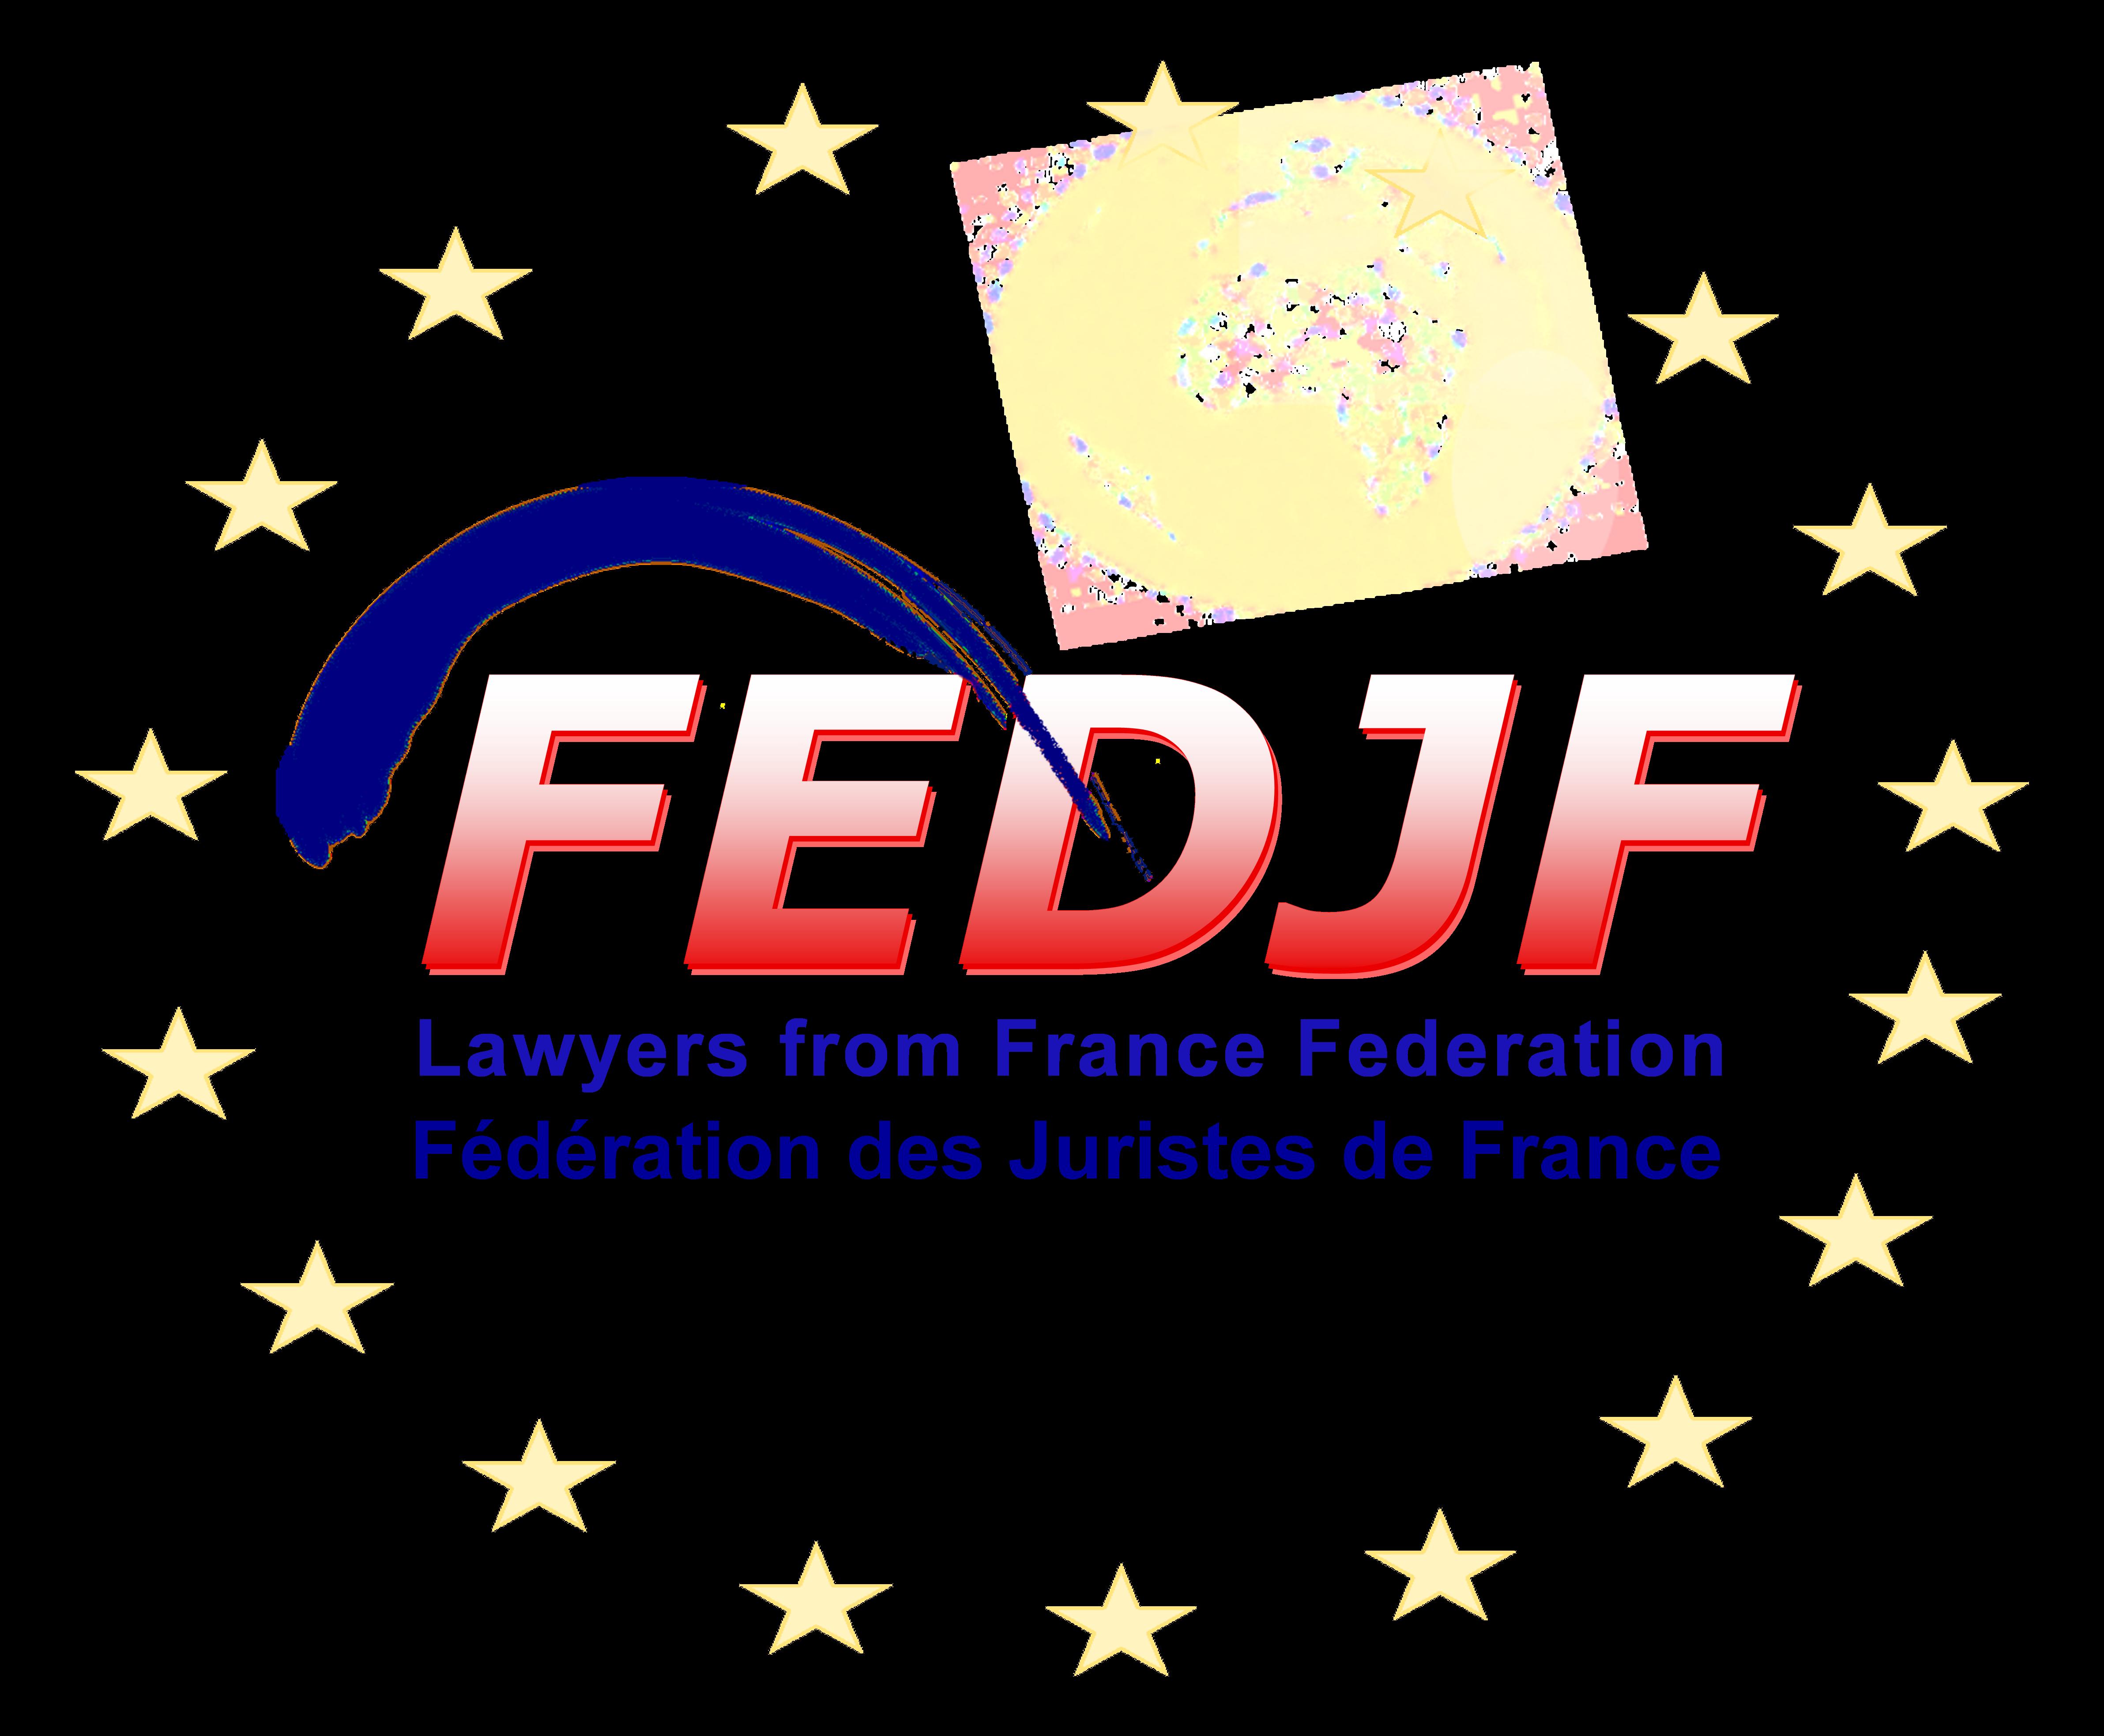 cliquez pour accéder au site (français)